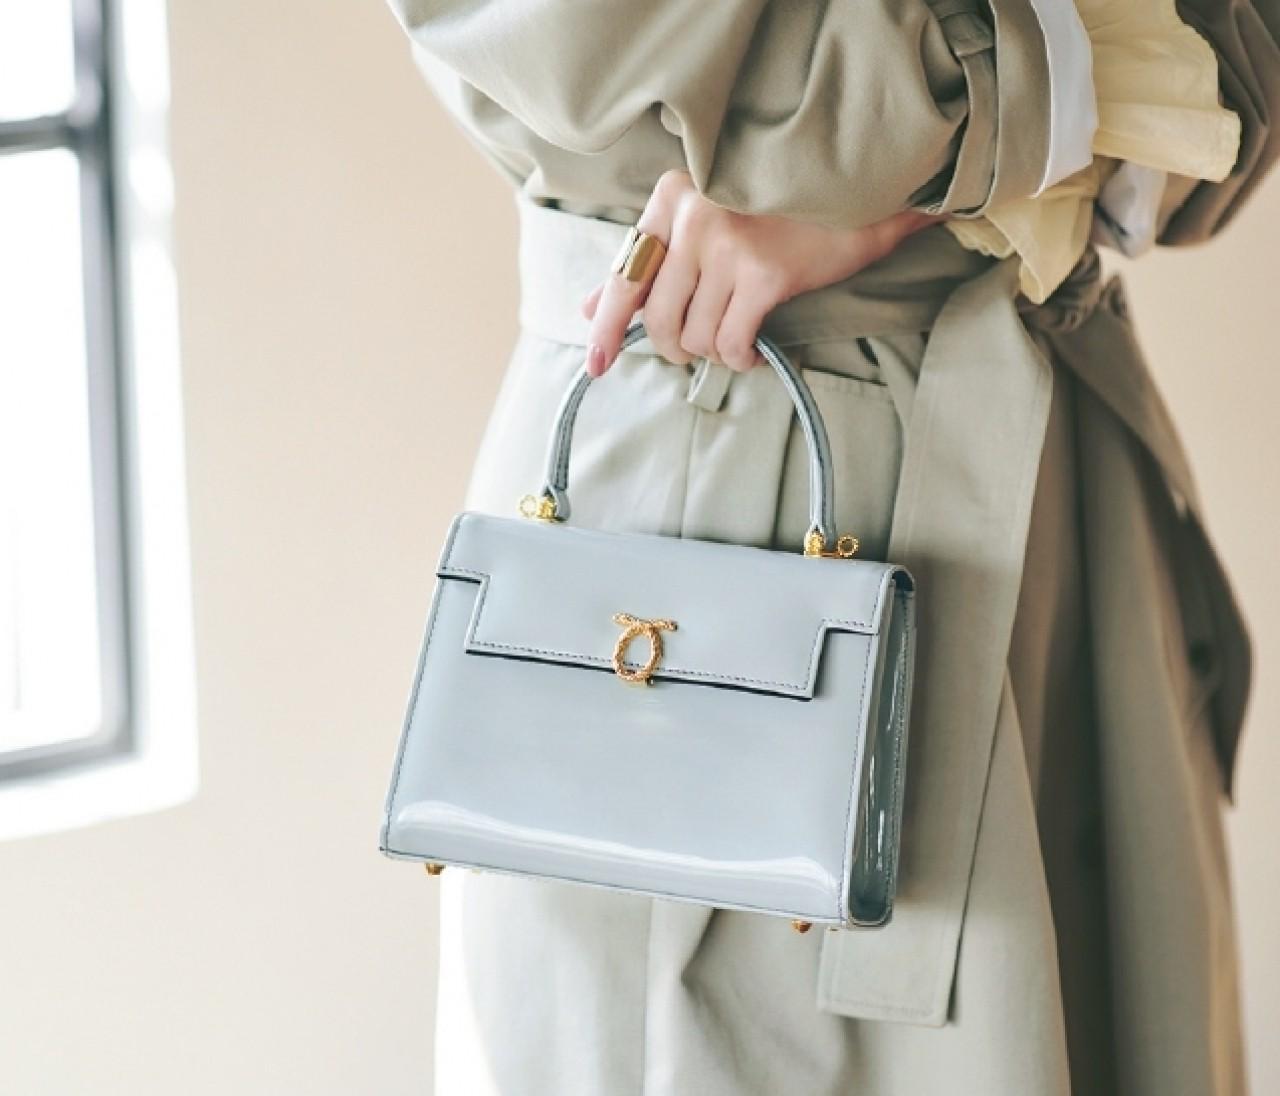 【トレンチ着こなしアイデア集】足元にバッグに…小物使いで印象チェンジ♪